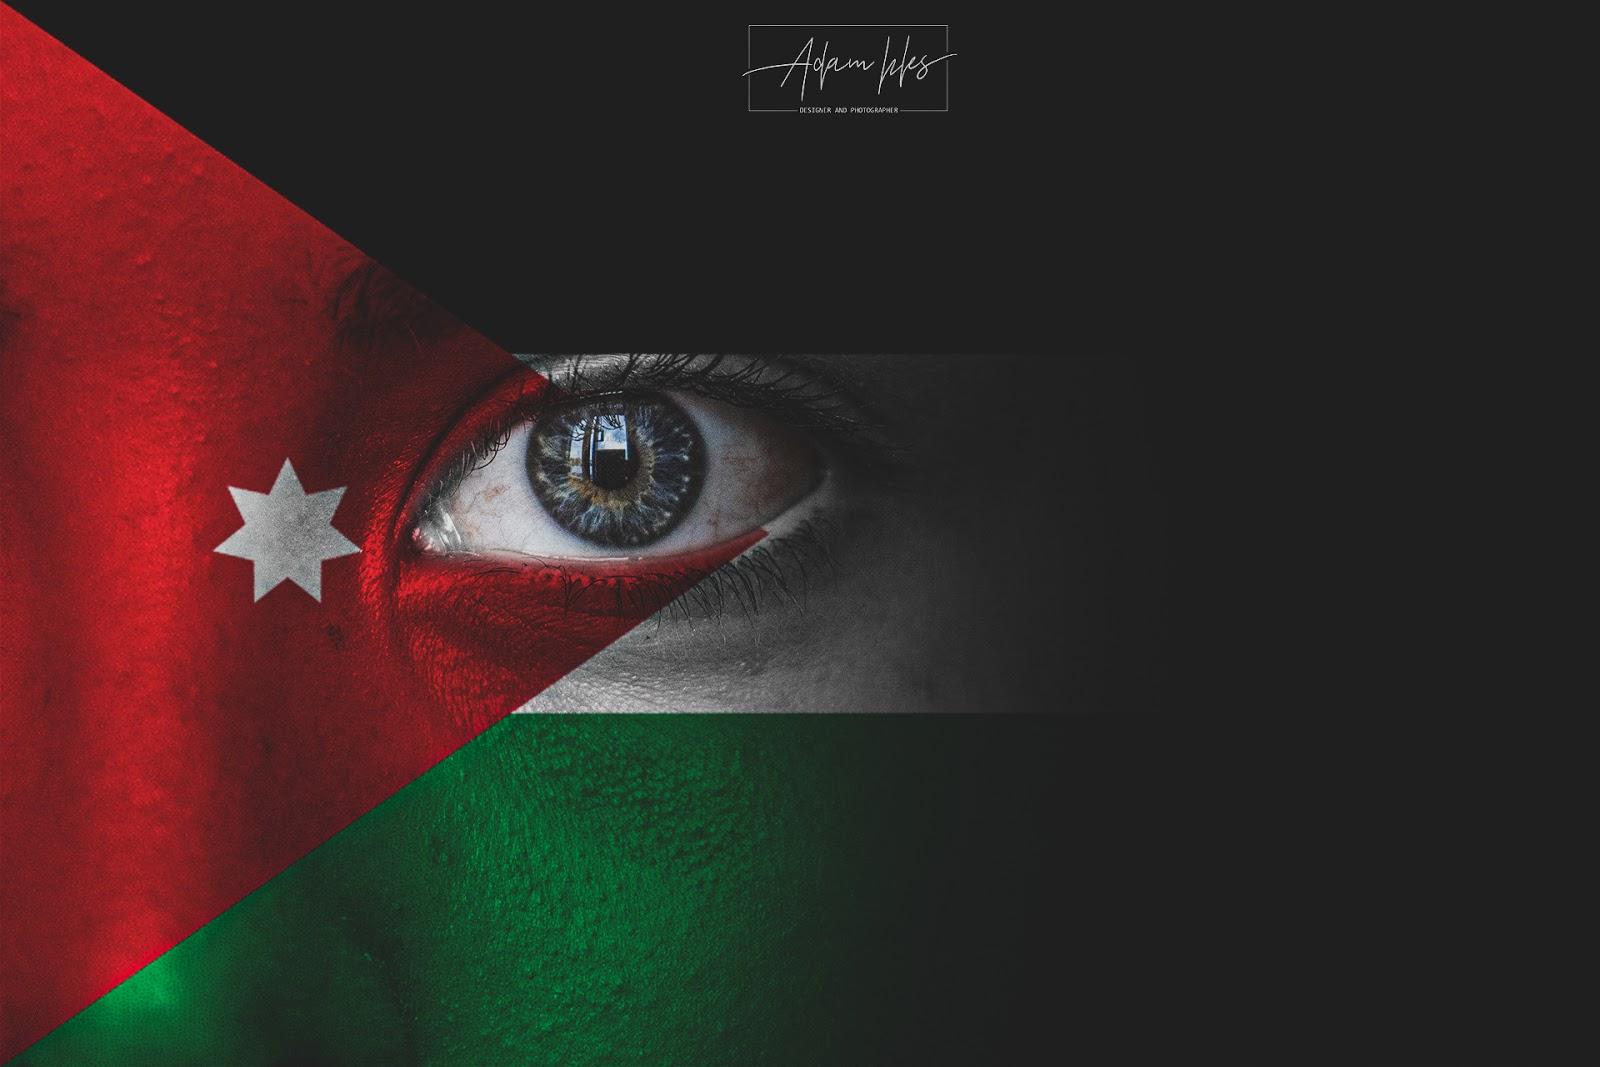 صور علم الأردن على وجه طفل